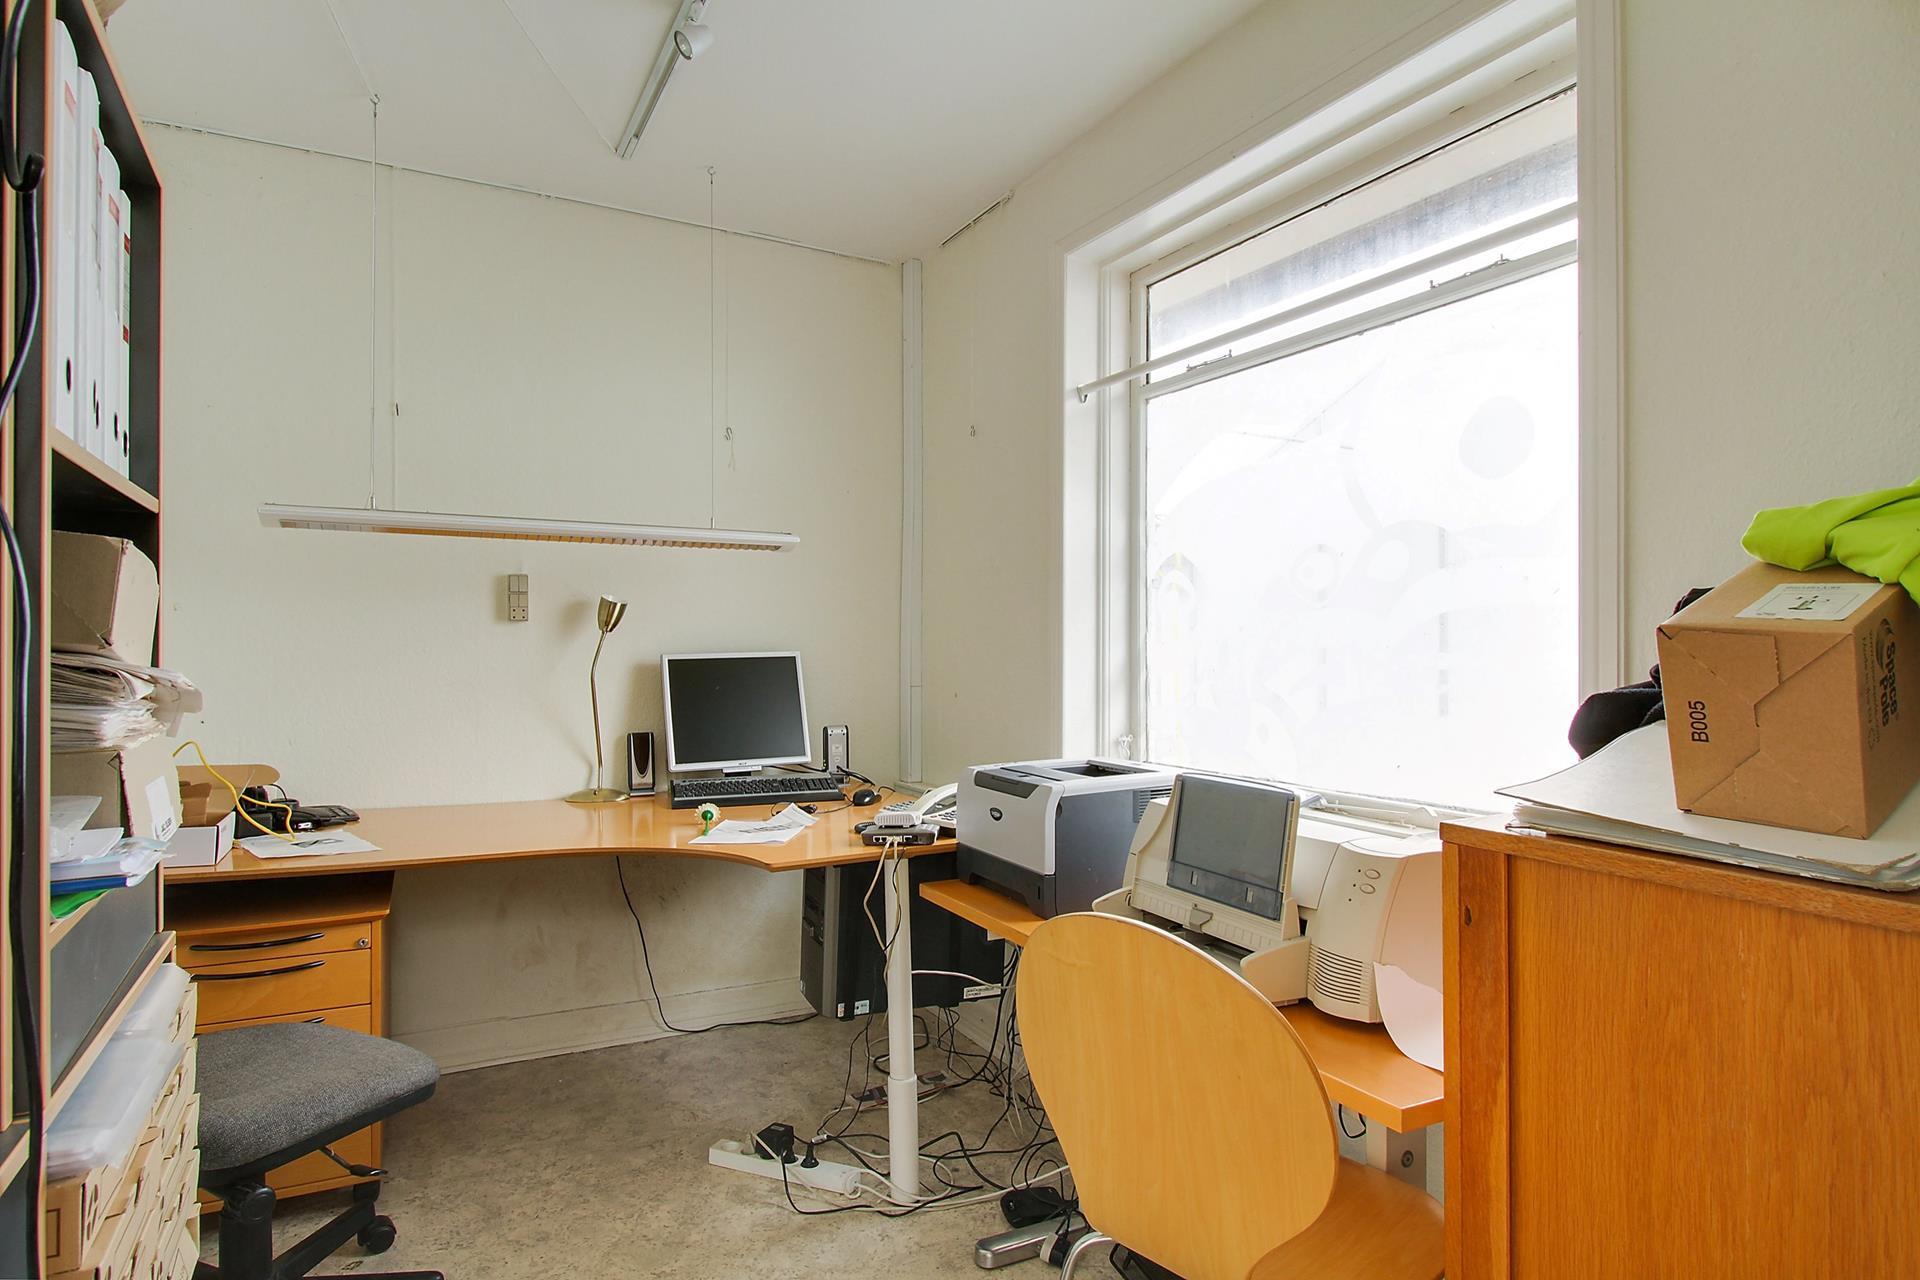 Bolig/erhverv på Aggersundvej i Fjerritslev - Arbejdsværelse